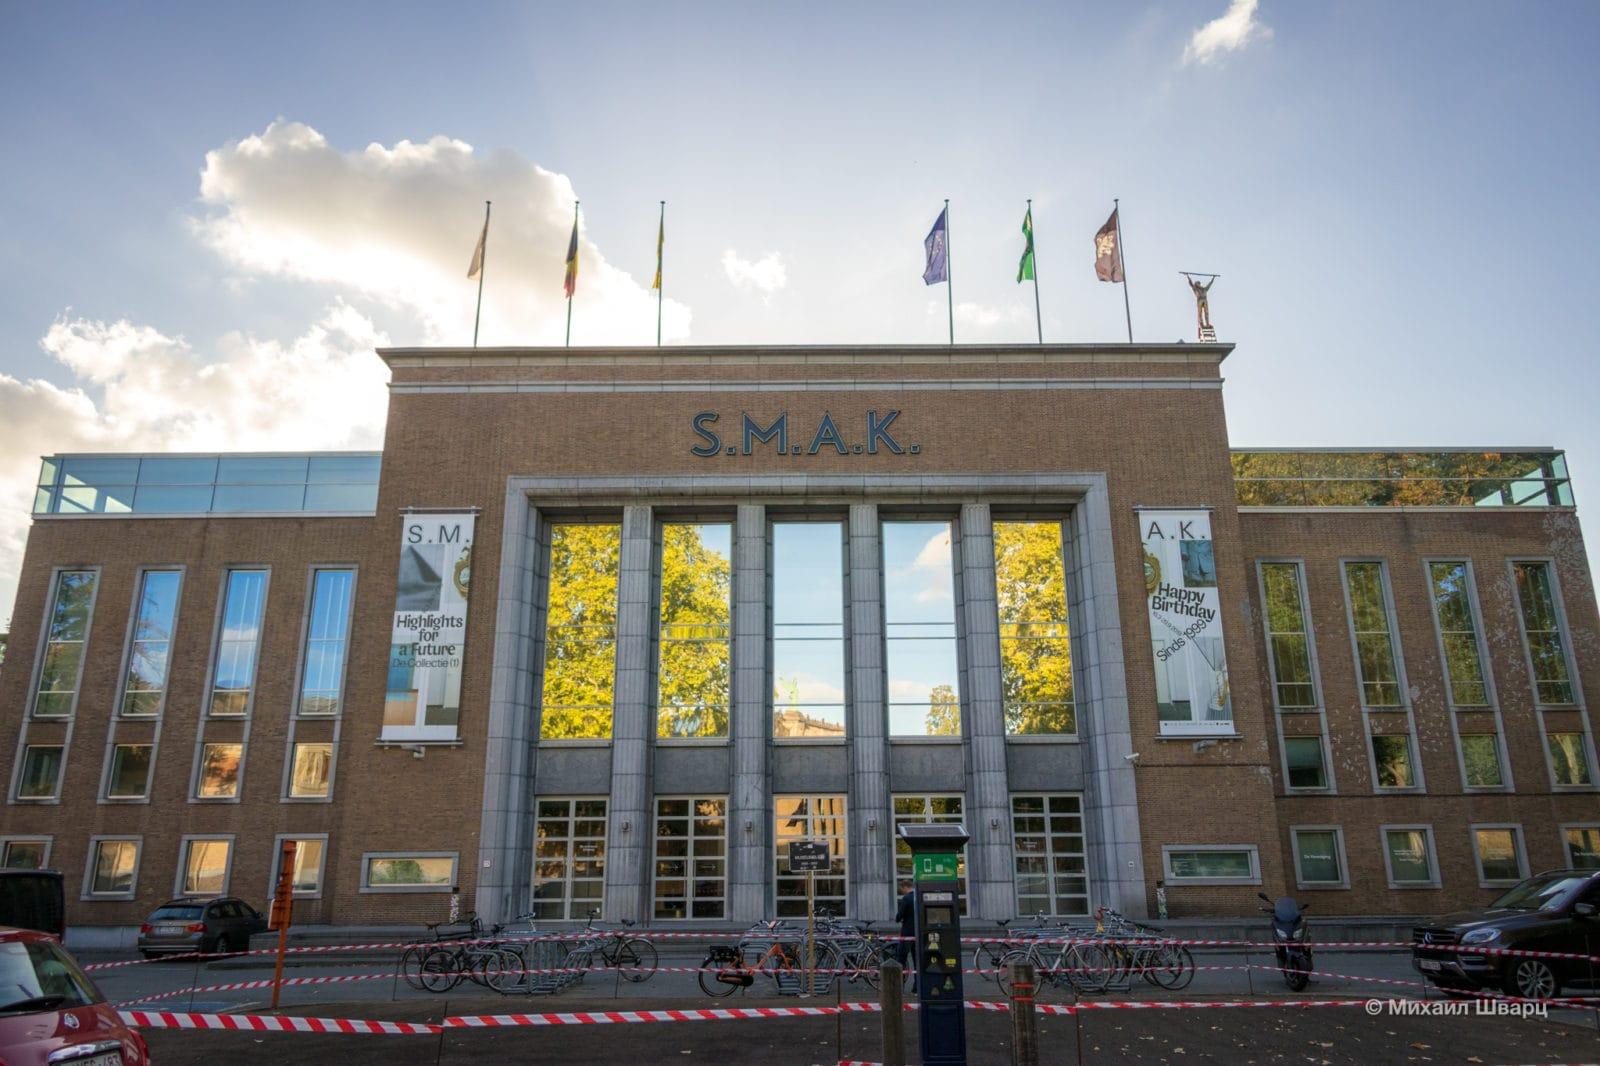 Музей современного искусства (S.M.A.K)